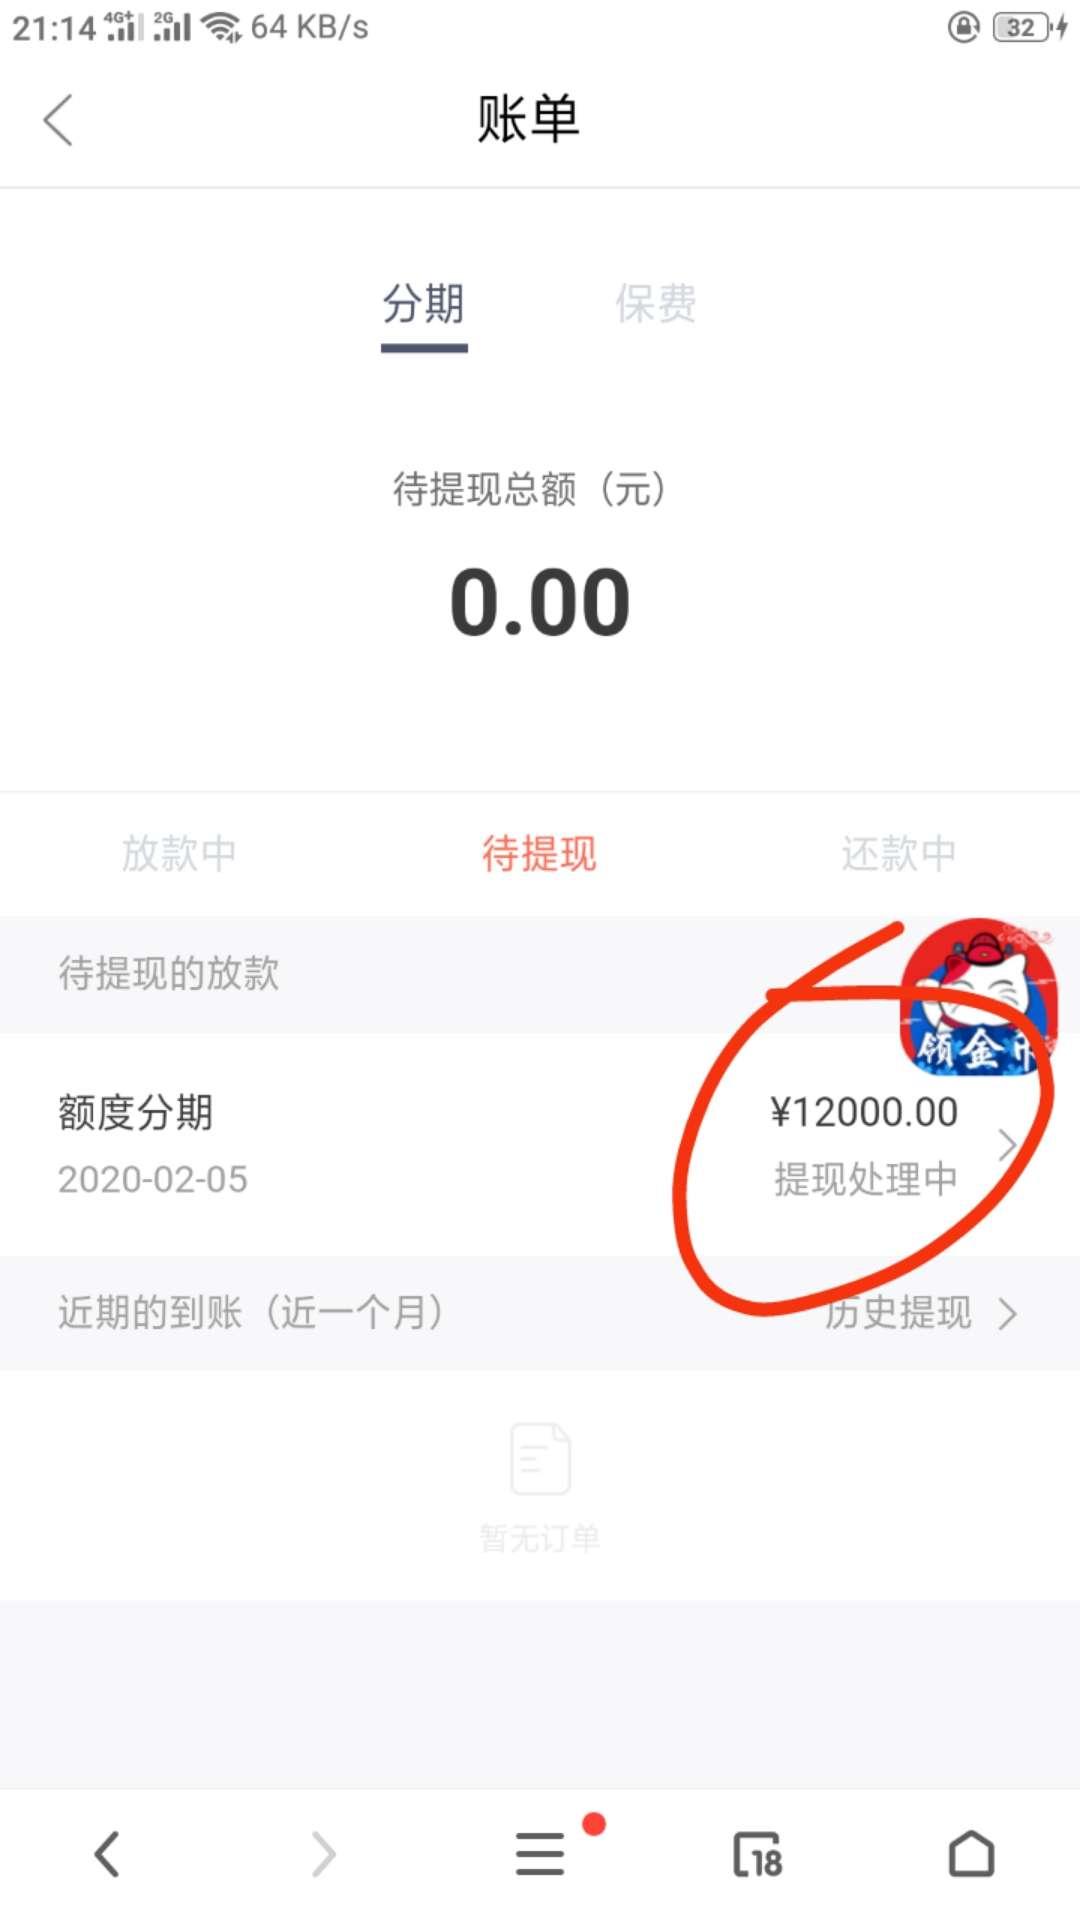 玖富万卡显示放款成功了,怎么点进去还是显示放款中,钱也没到账。有老哥知道情况的吗75 / 作者:tangfeng5646467 /